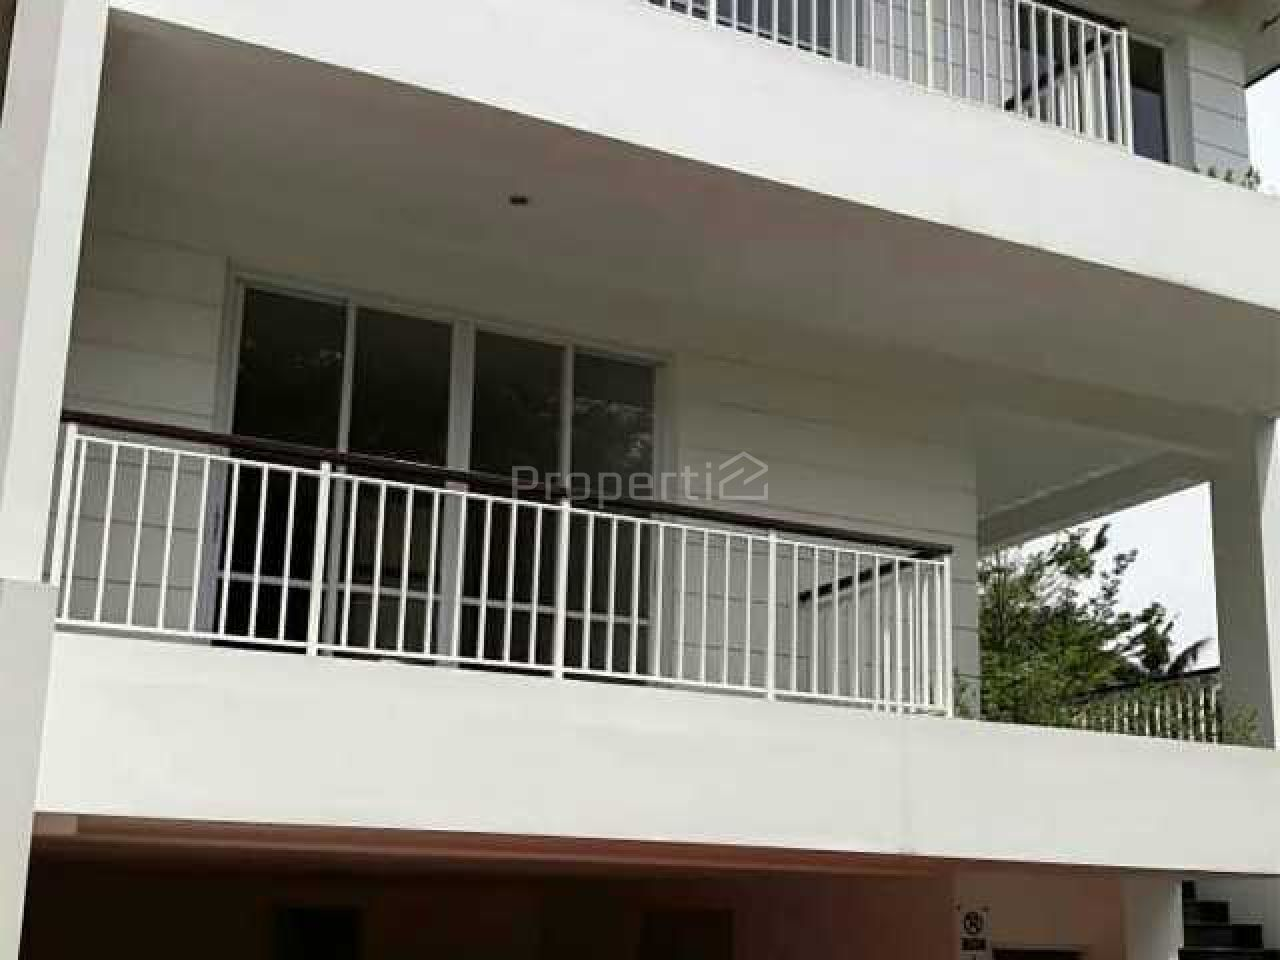 Rumah Baru Minimalis 3 Lantai di Cilandak, DKI Jakarta